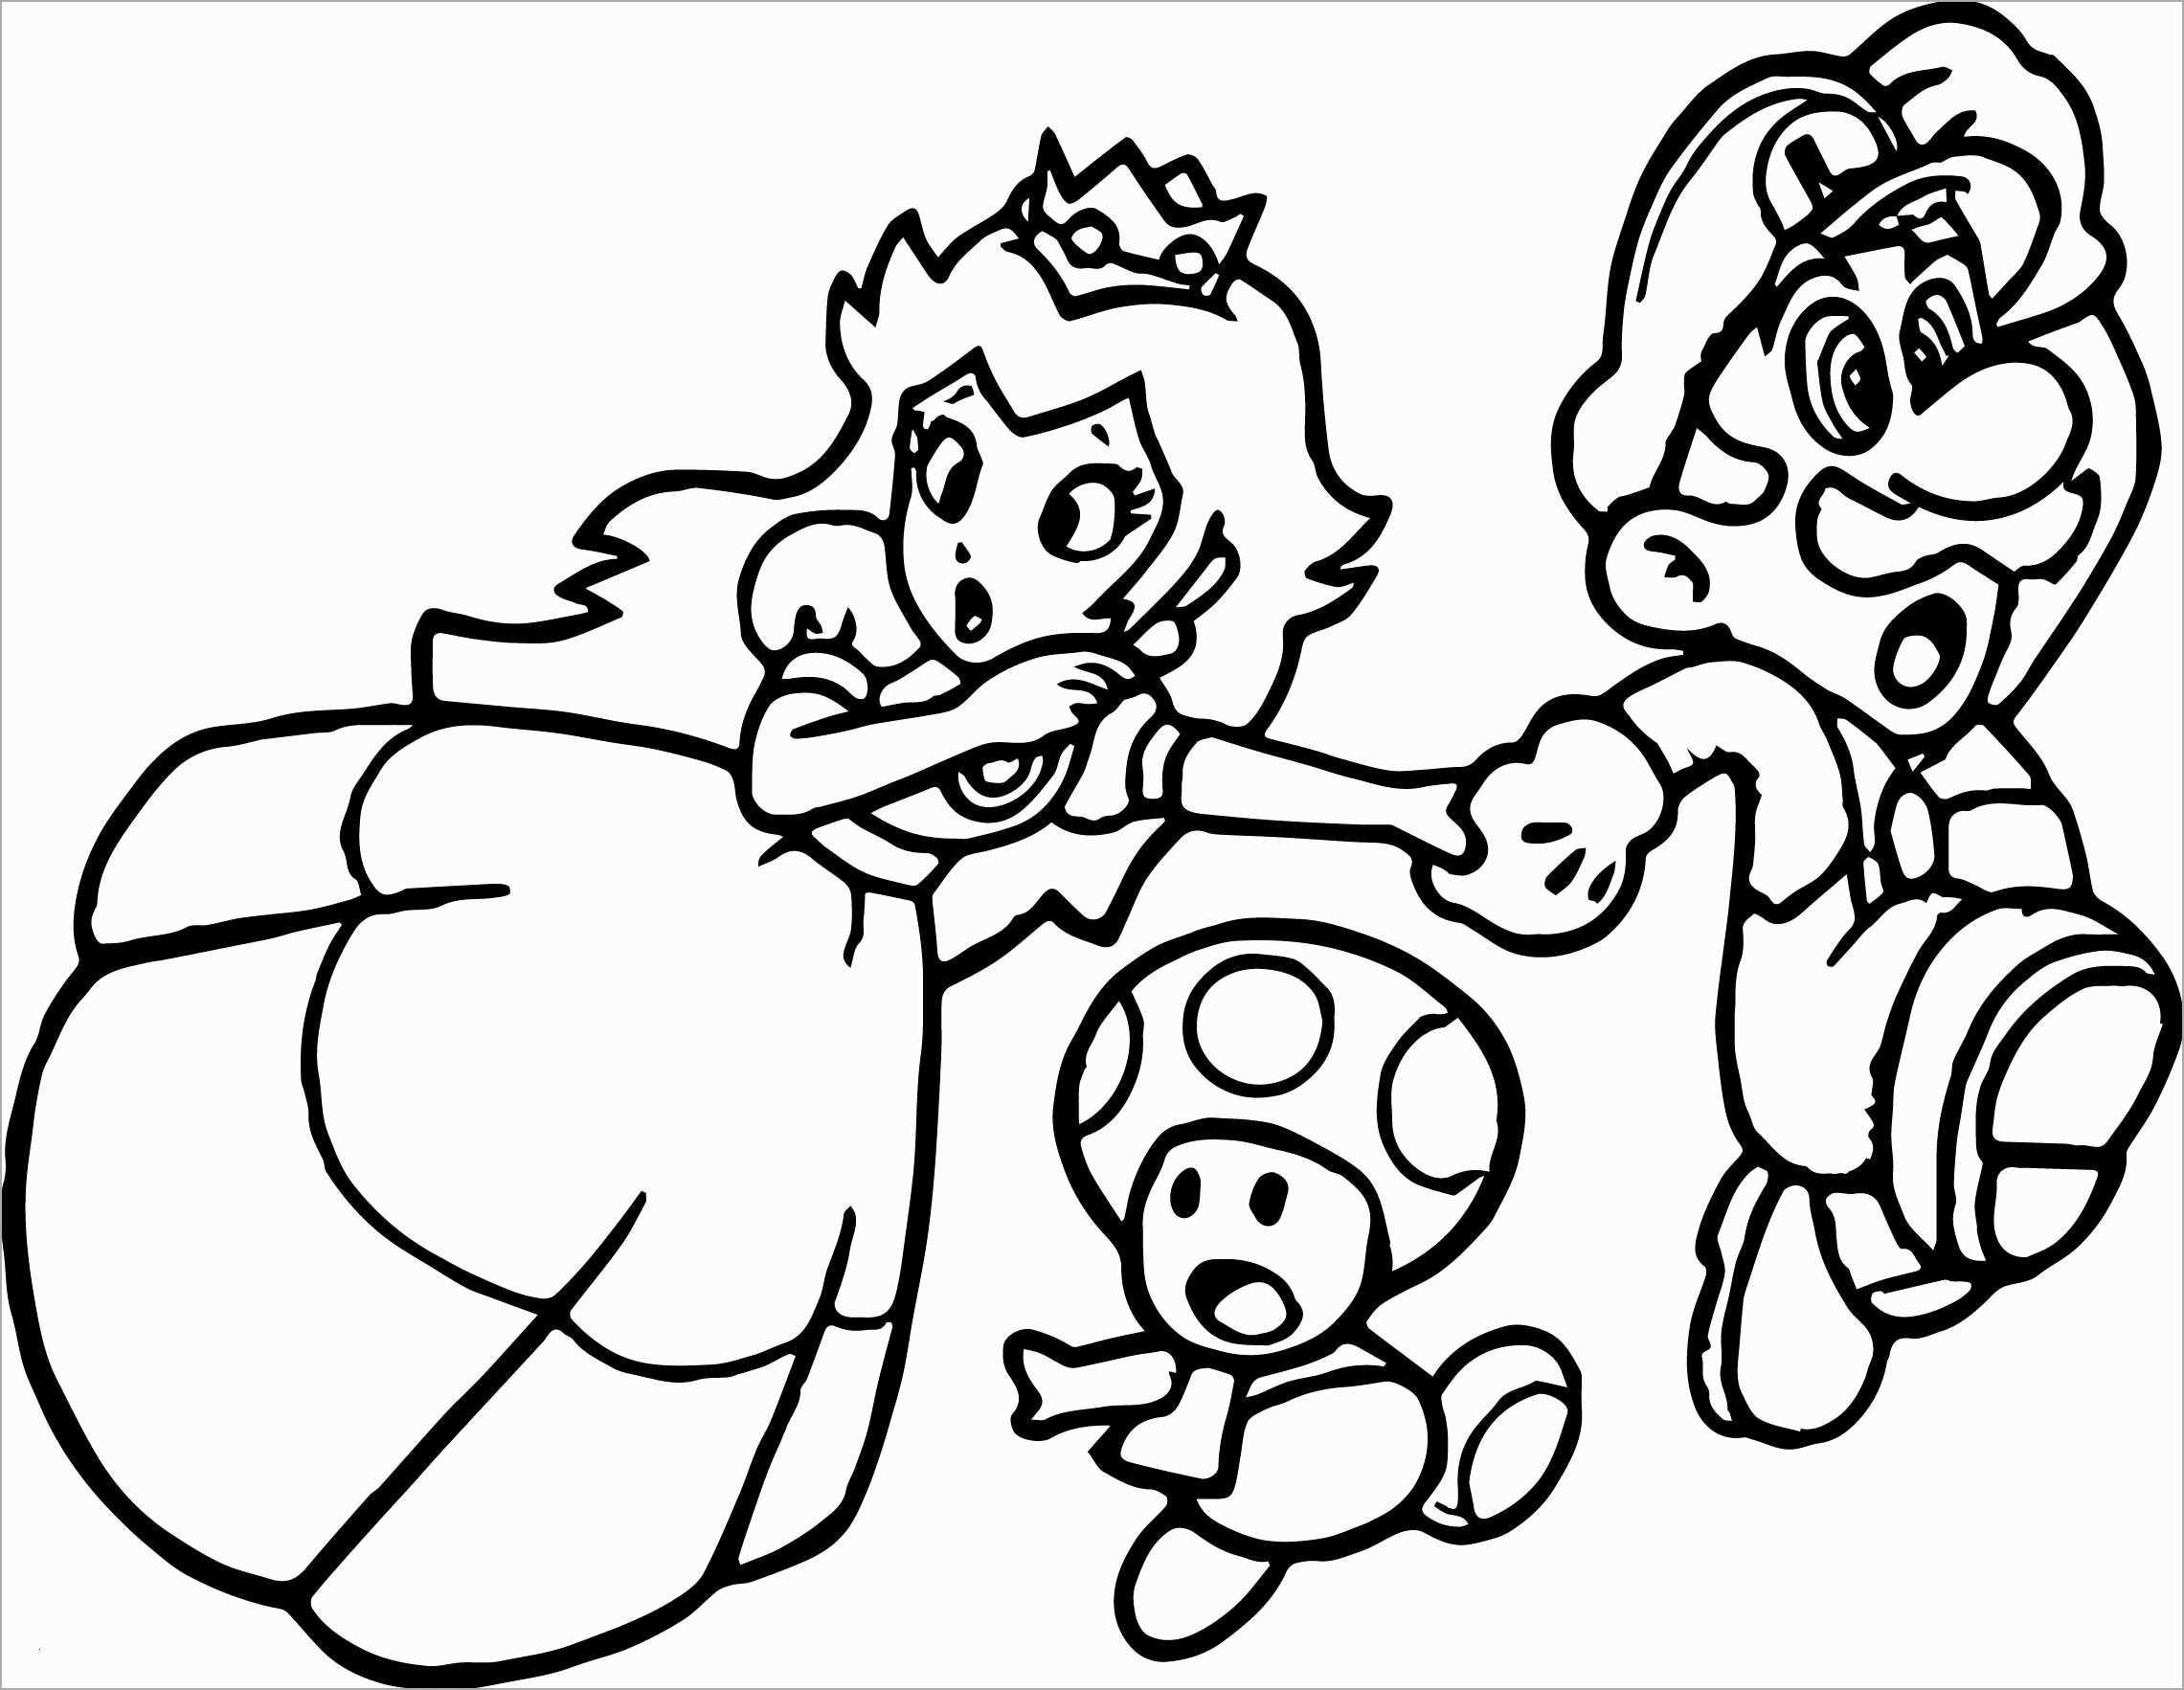 Ausmalbilder Mario Inspirierend Super Mario Malvorlagen Mario Ausmalbilder Gut Mario Kart Bild